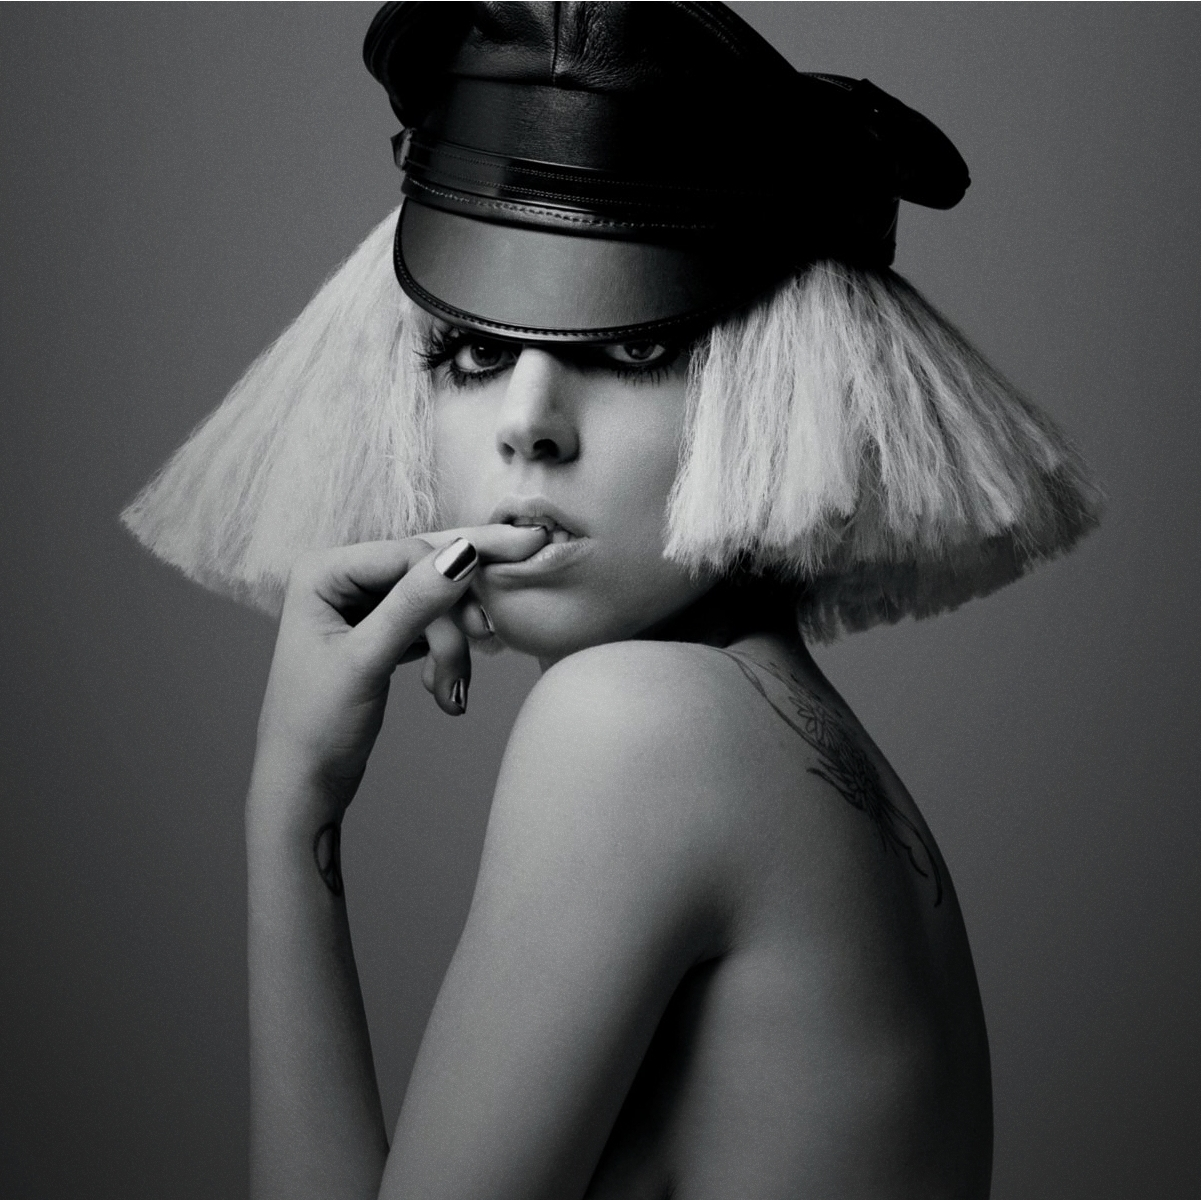 Entre mamarracha y excéntrica: el fenómeno Lady Gaga